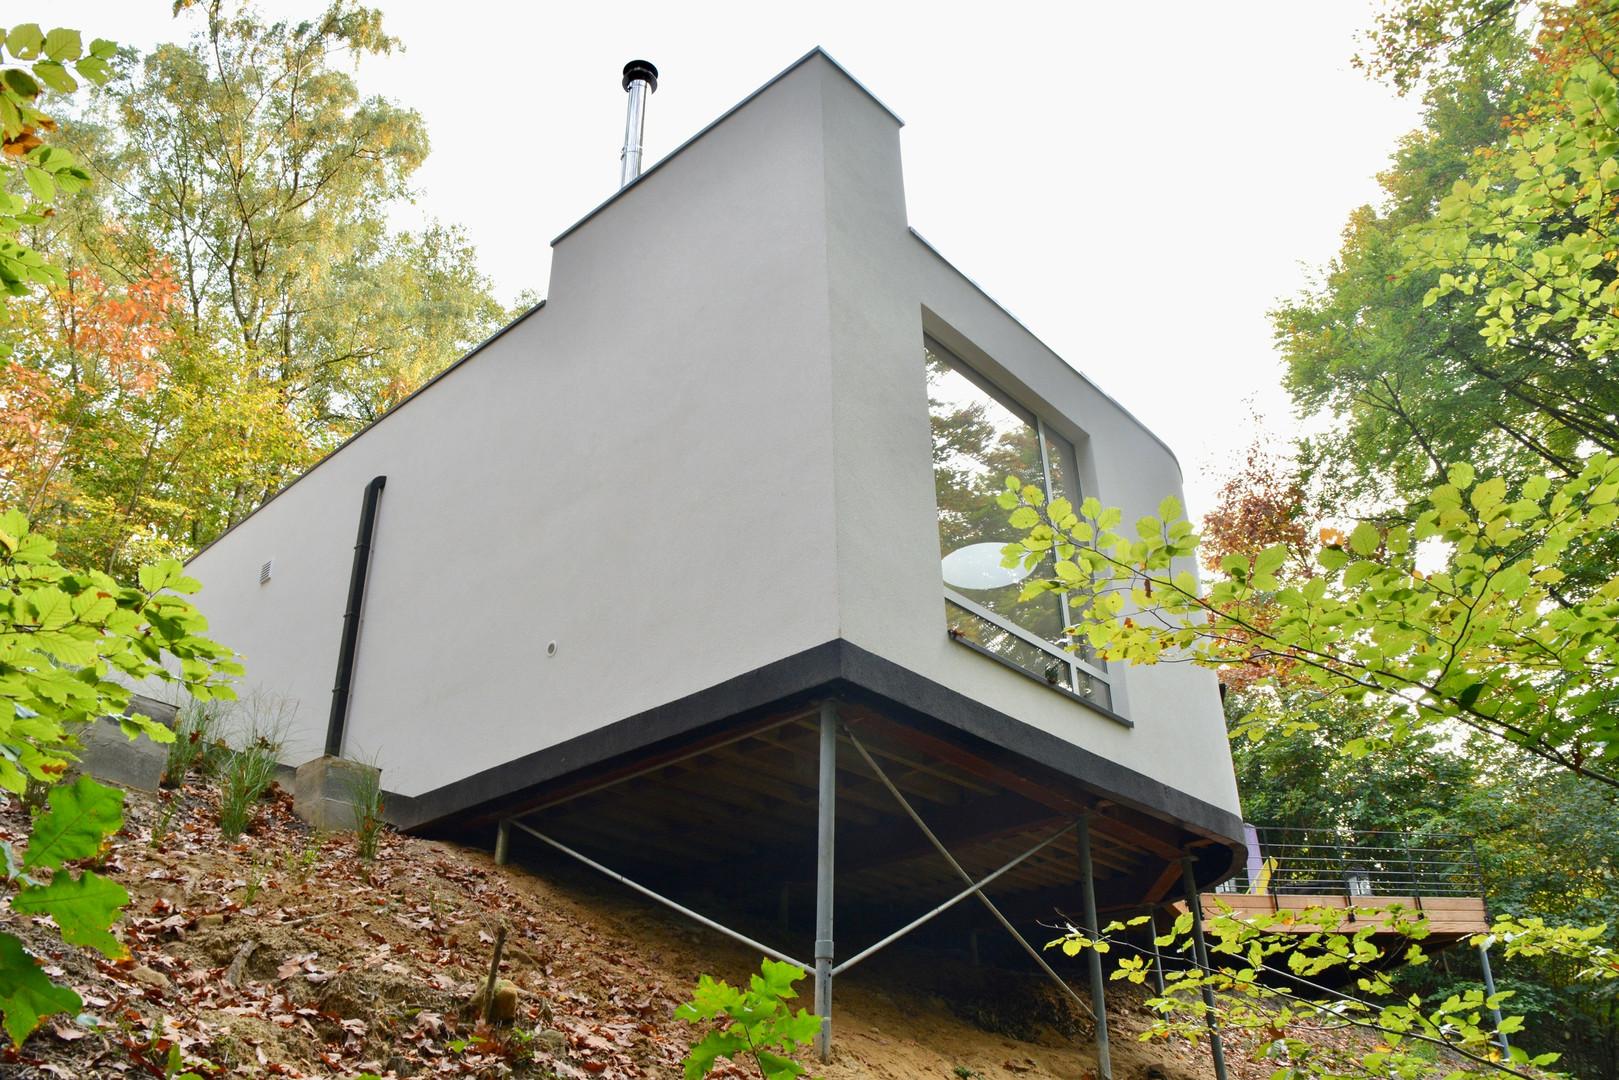 Maison contemporaine à Wavre: contruction semi-enterrée avec vue sur les arbres